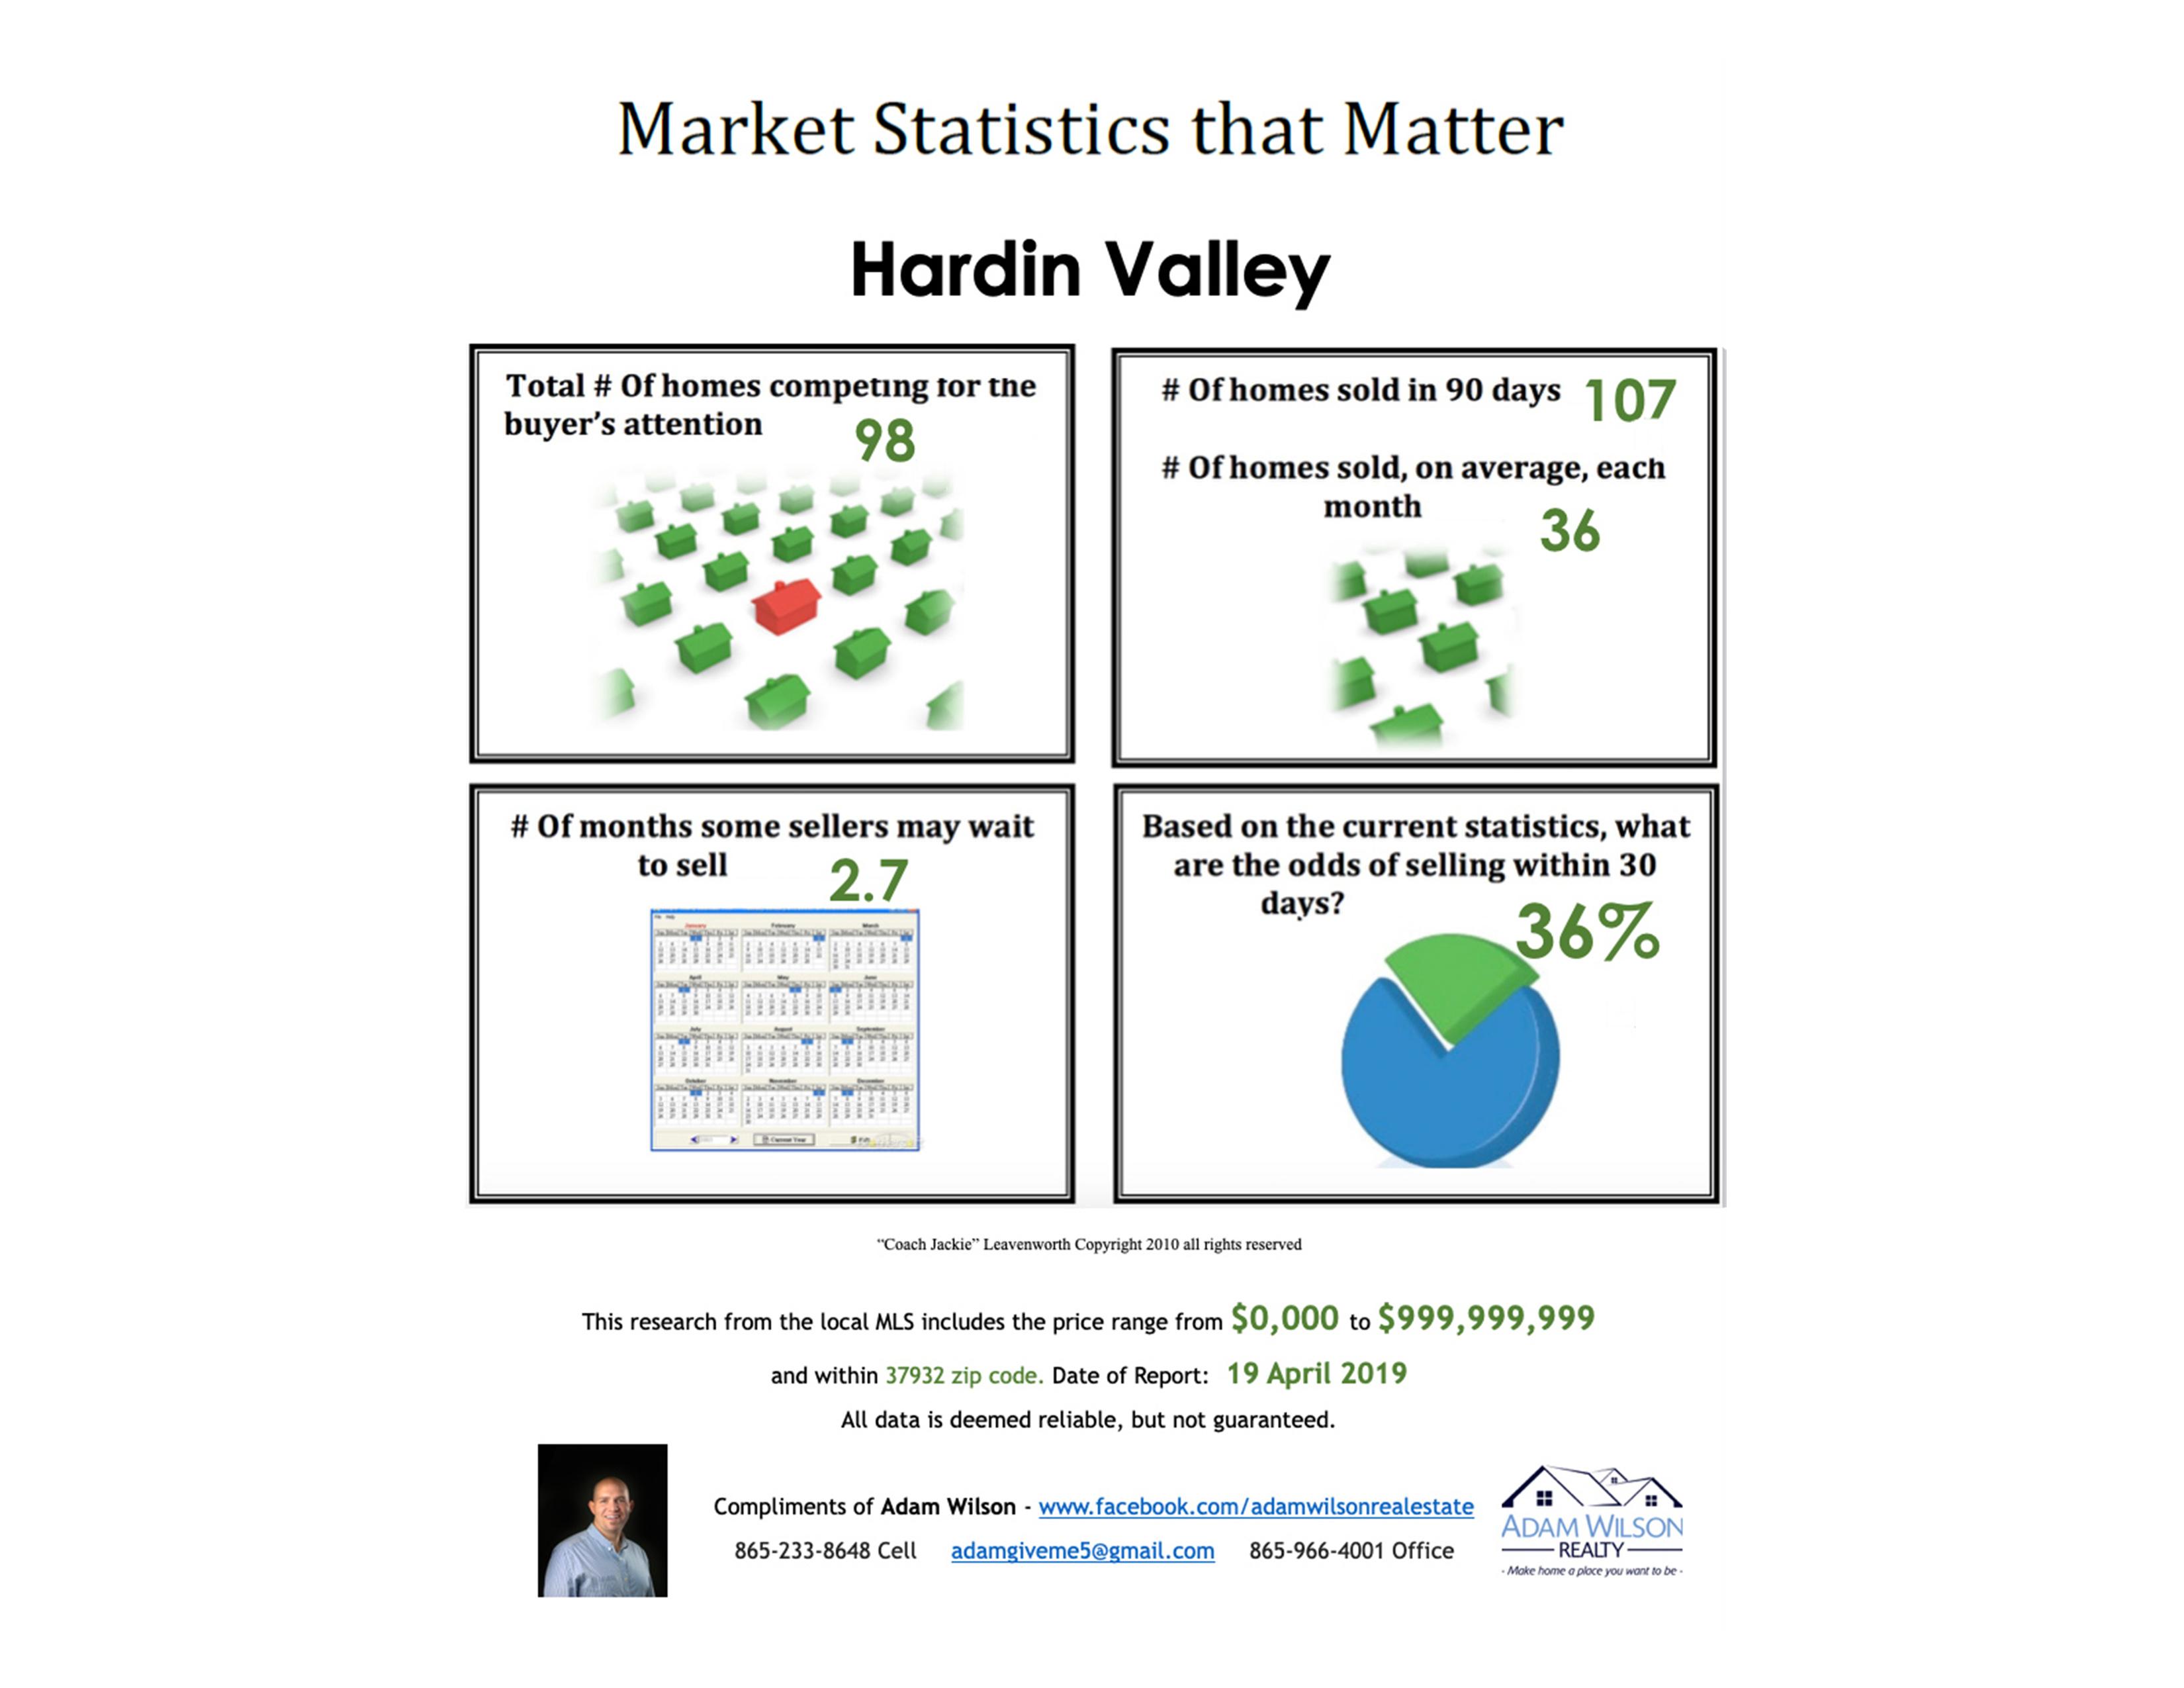 Hardin Valley Real Estate Market Update – April 2019